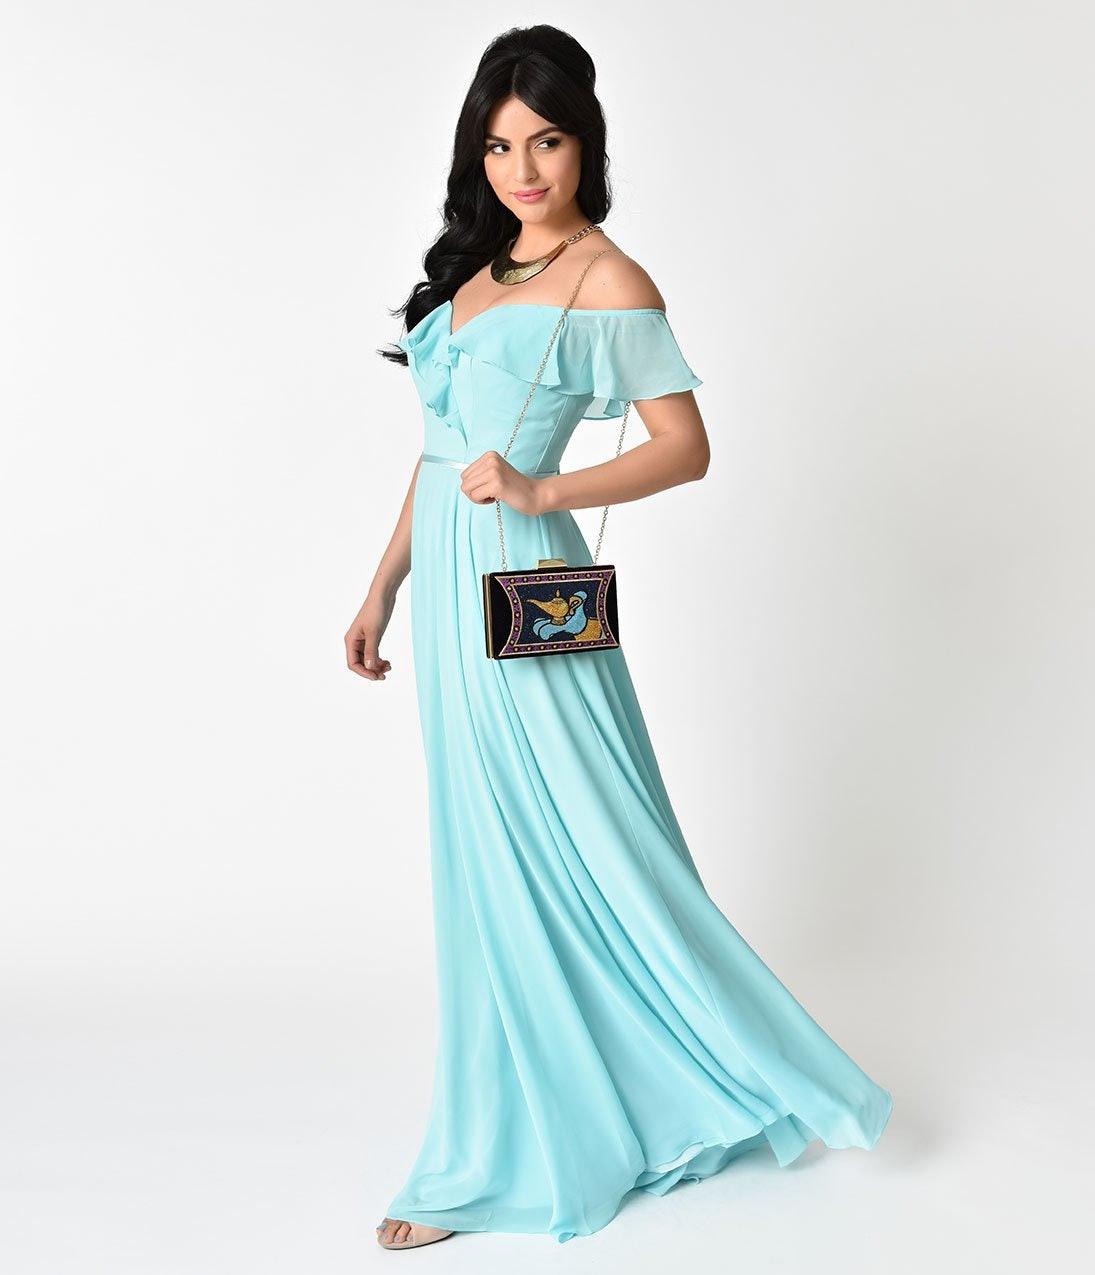 Unique Vintage\'s Disney Princess Prom Dresses Prove You Don\'t Need ...